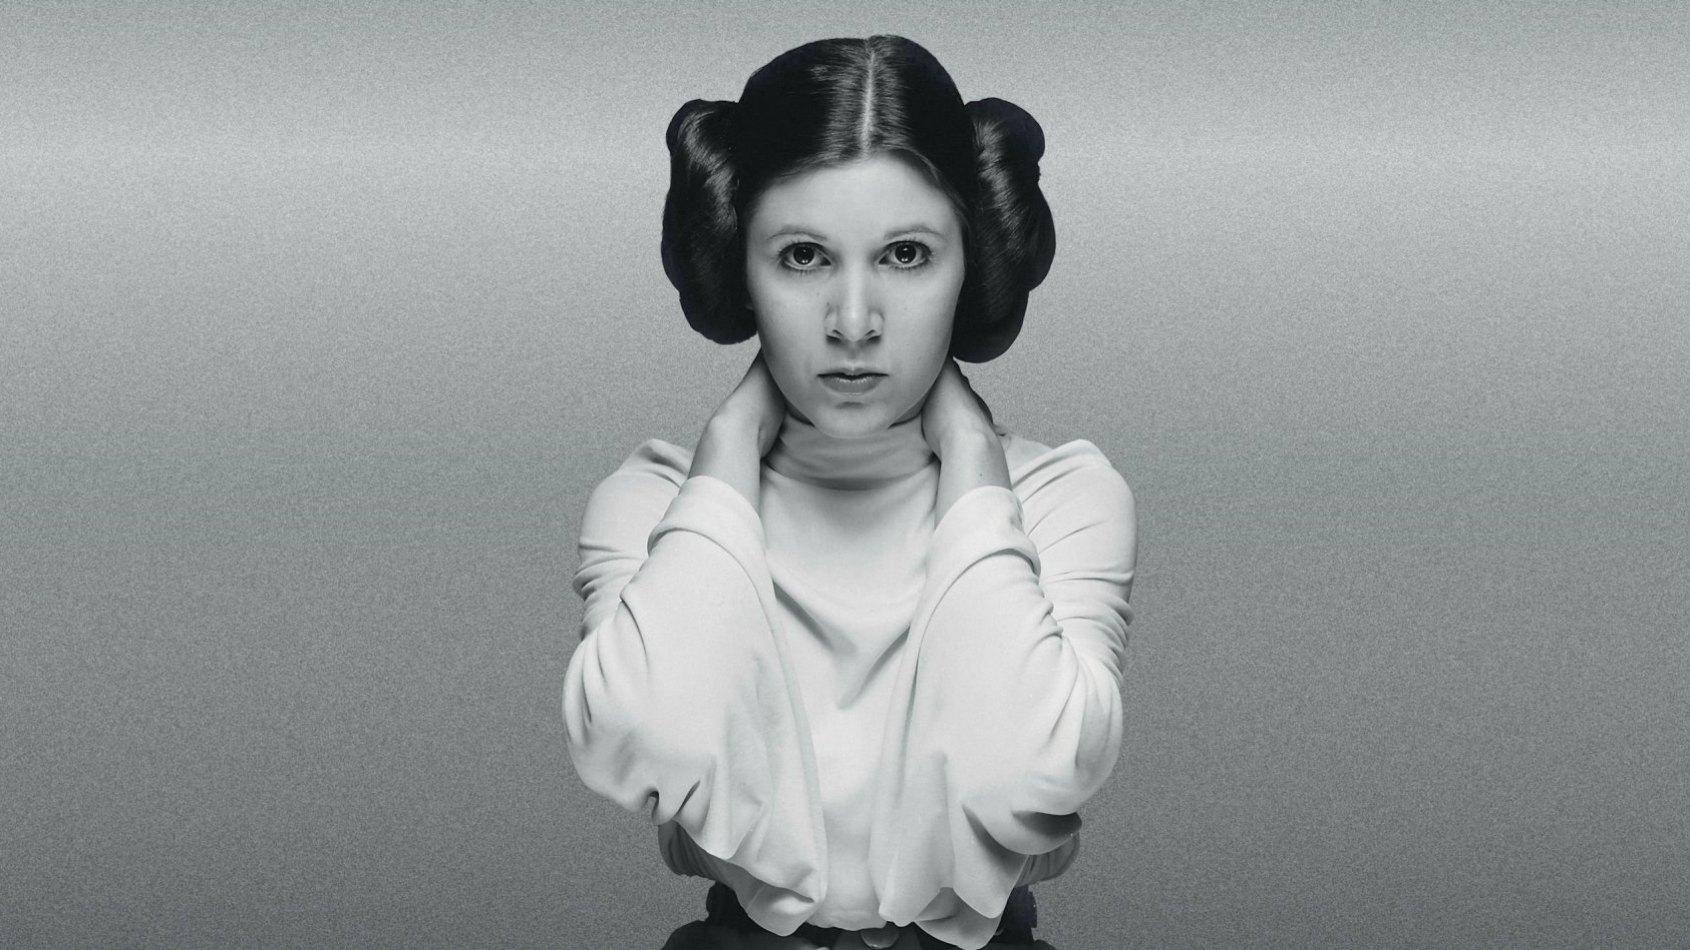 La Princesse Leia utilise la force dans Aftermath Life Debt